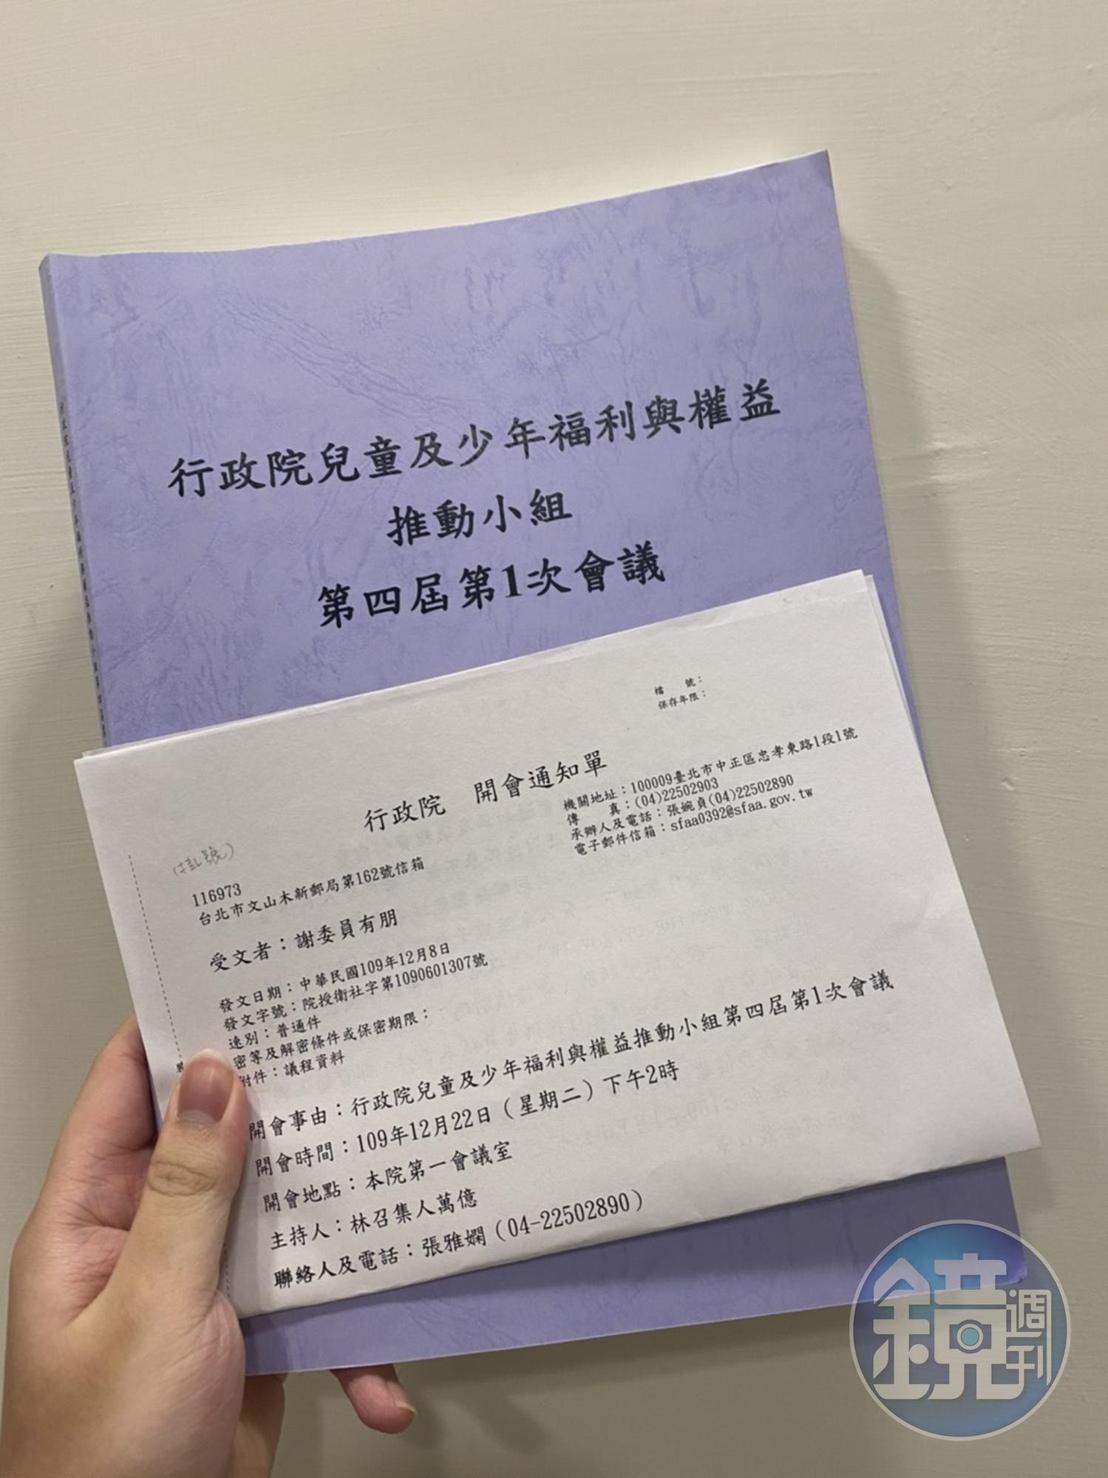 行政院兒童少年福利權益推動小組第四屆第一次會議紀錄,謝有朋發言紀錄。(謝有朋提供)